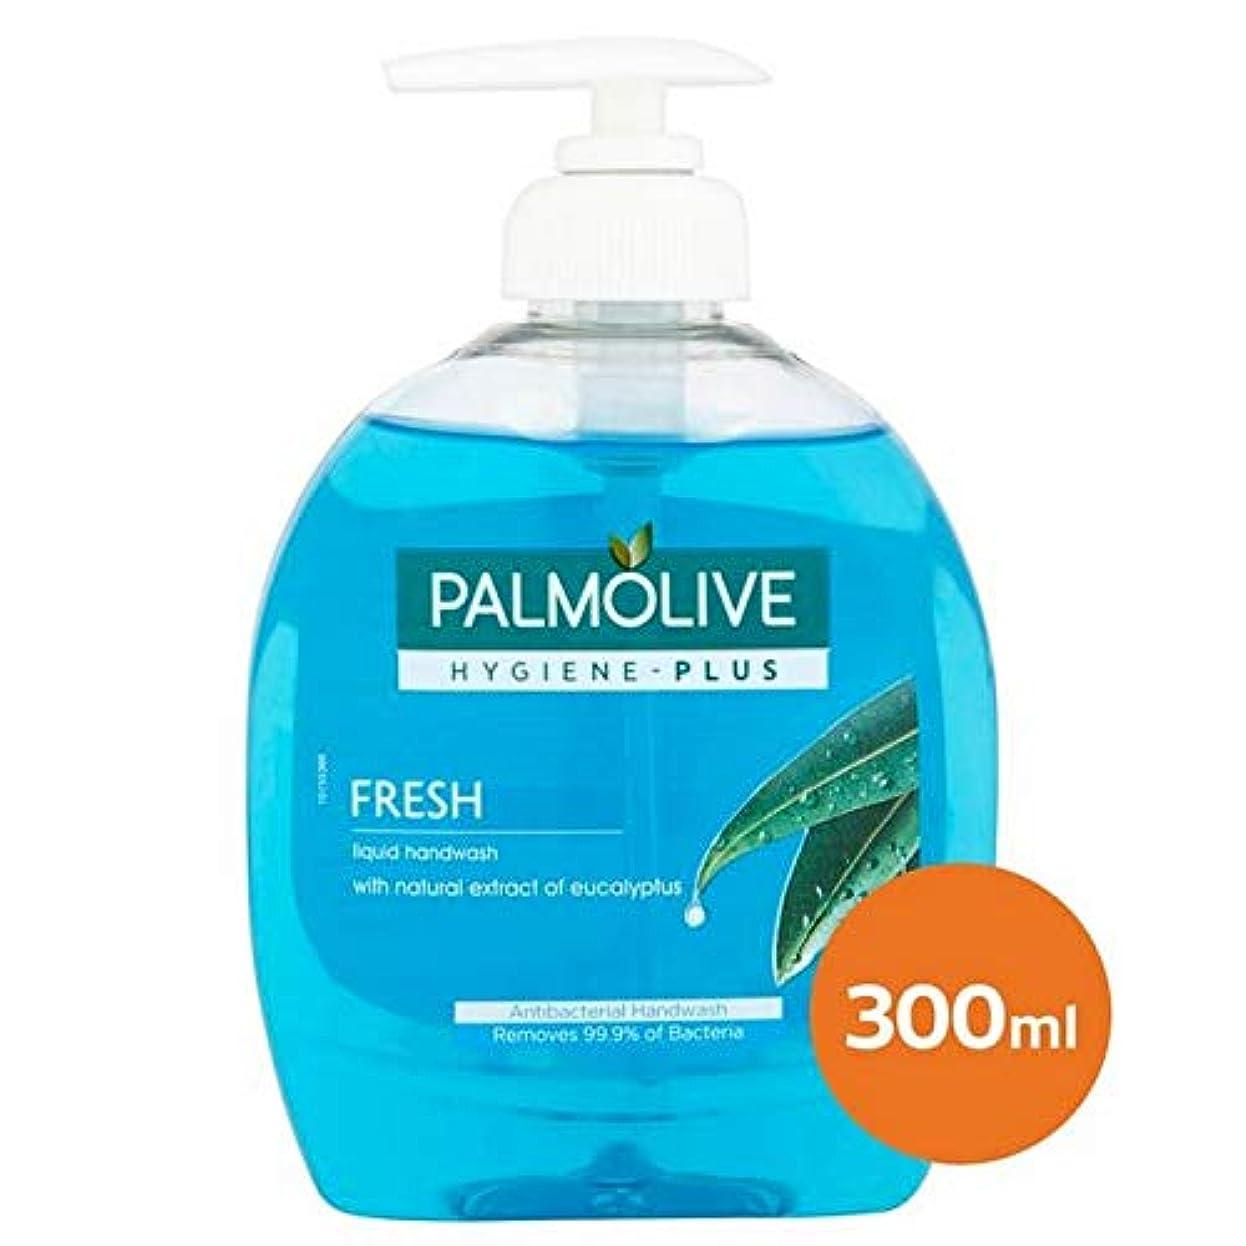 偽善同意するしてはいけない[Palmolive ] パルモ衛生プラス新鮮なユーカリの液体手洗いの300ミリリットル - Palmolive Hygiene-Plus Fresh Eucalyptus Liquid Handwash 300ml [...